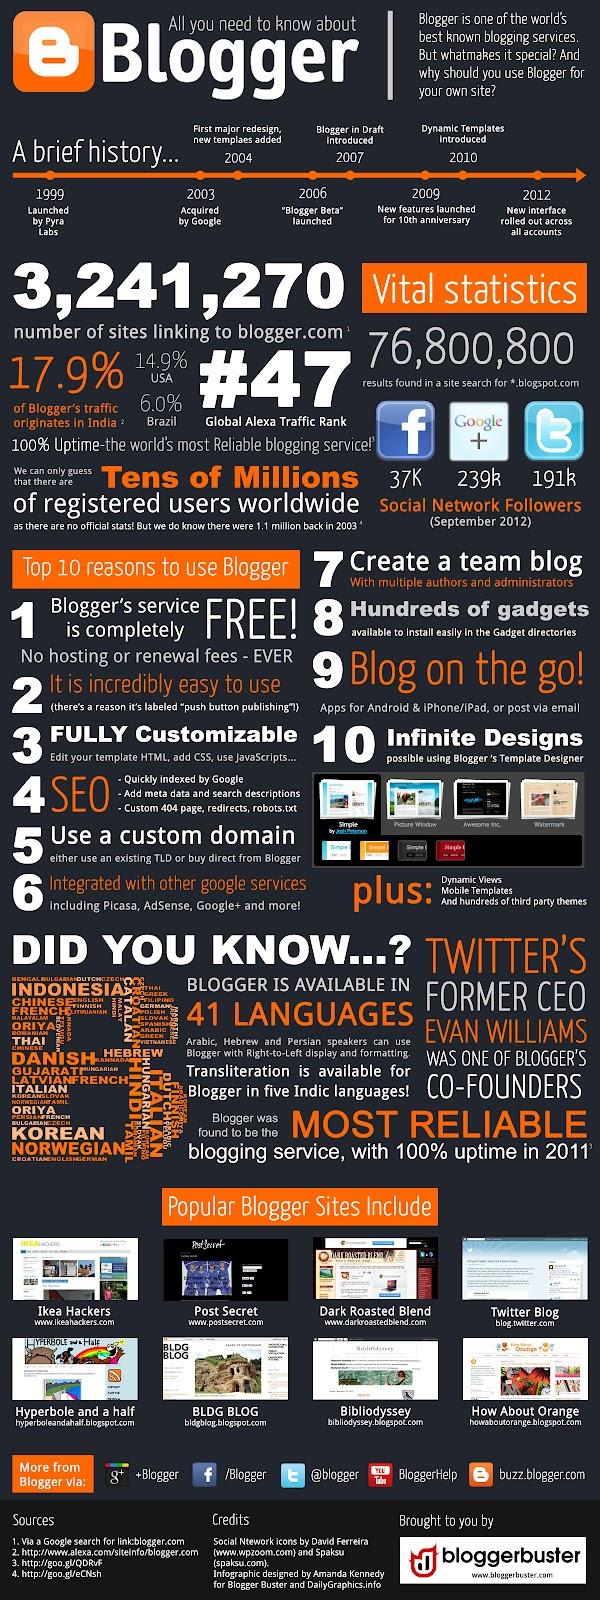 Tout sur blogger - infographie